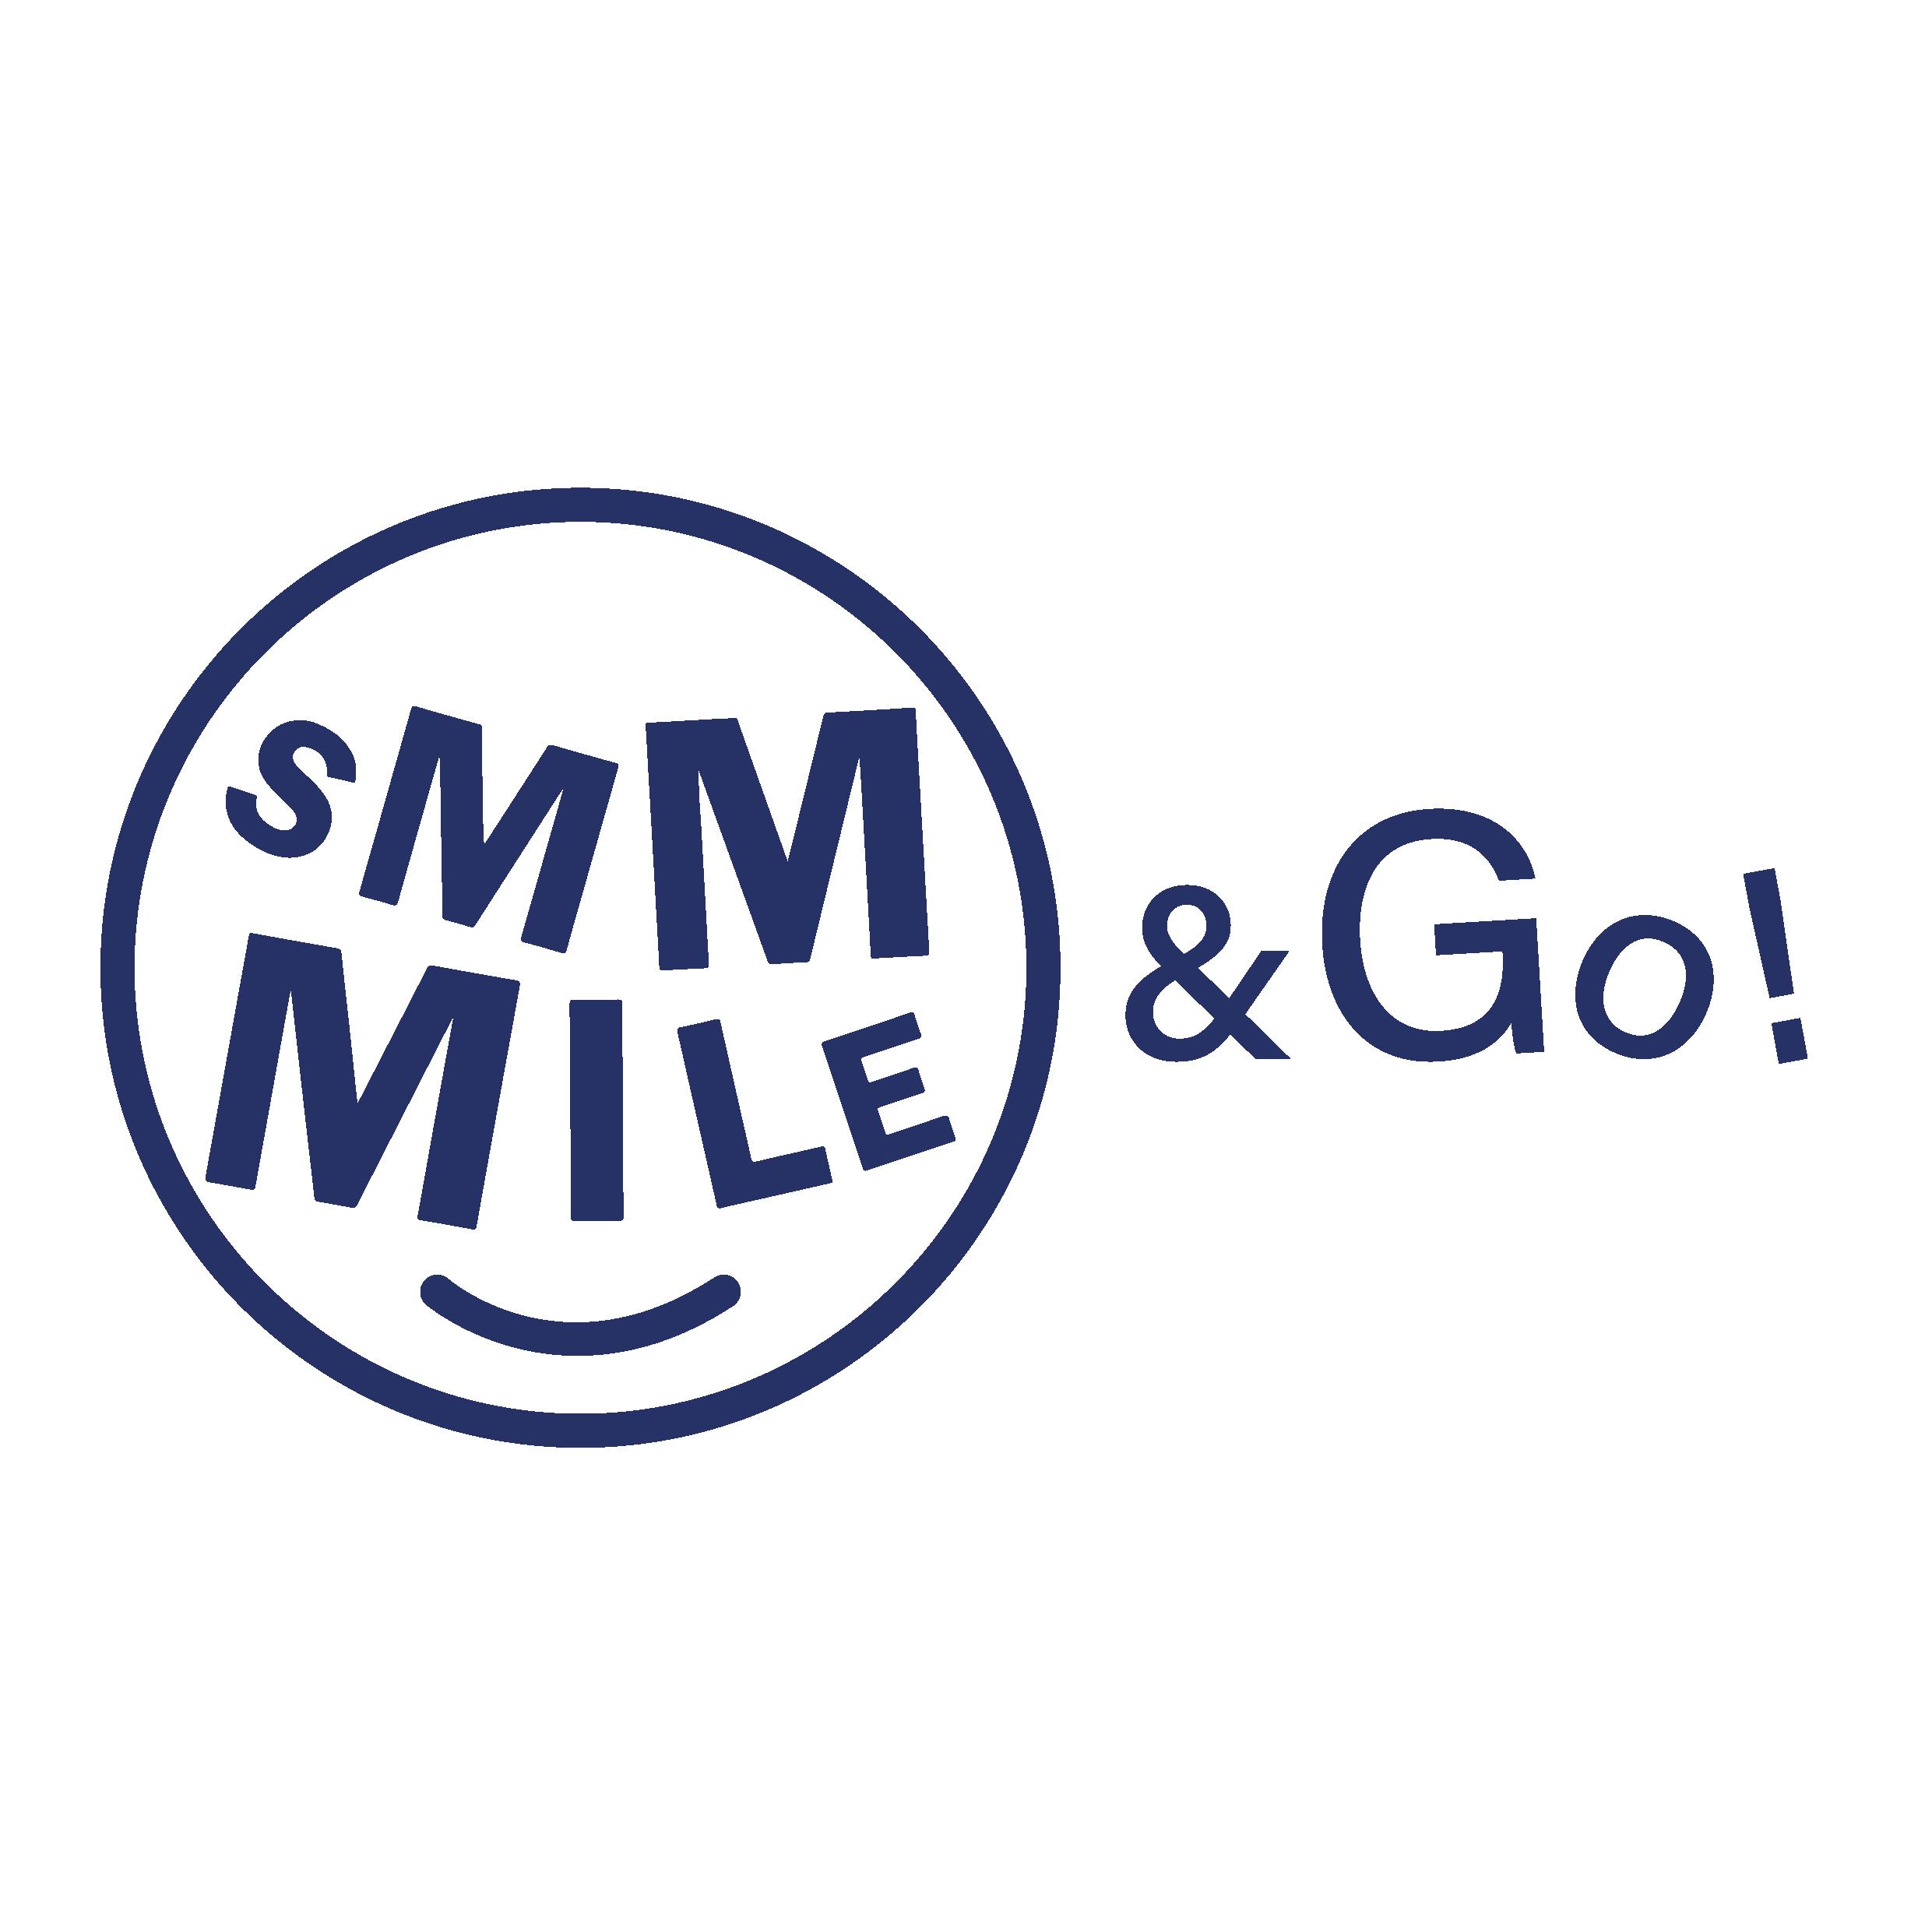 Smmmile & Go !